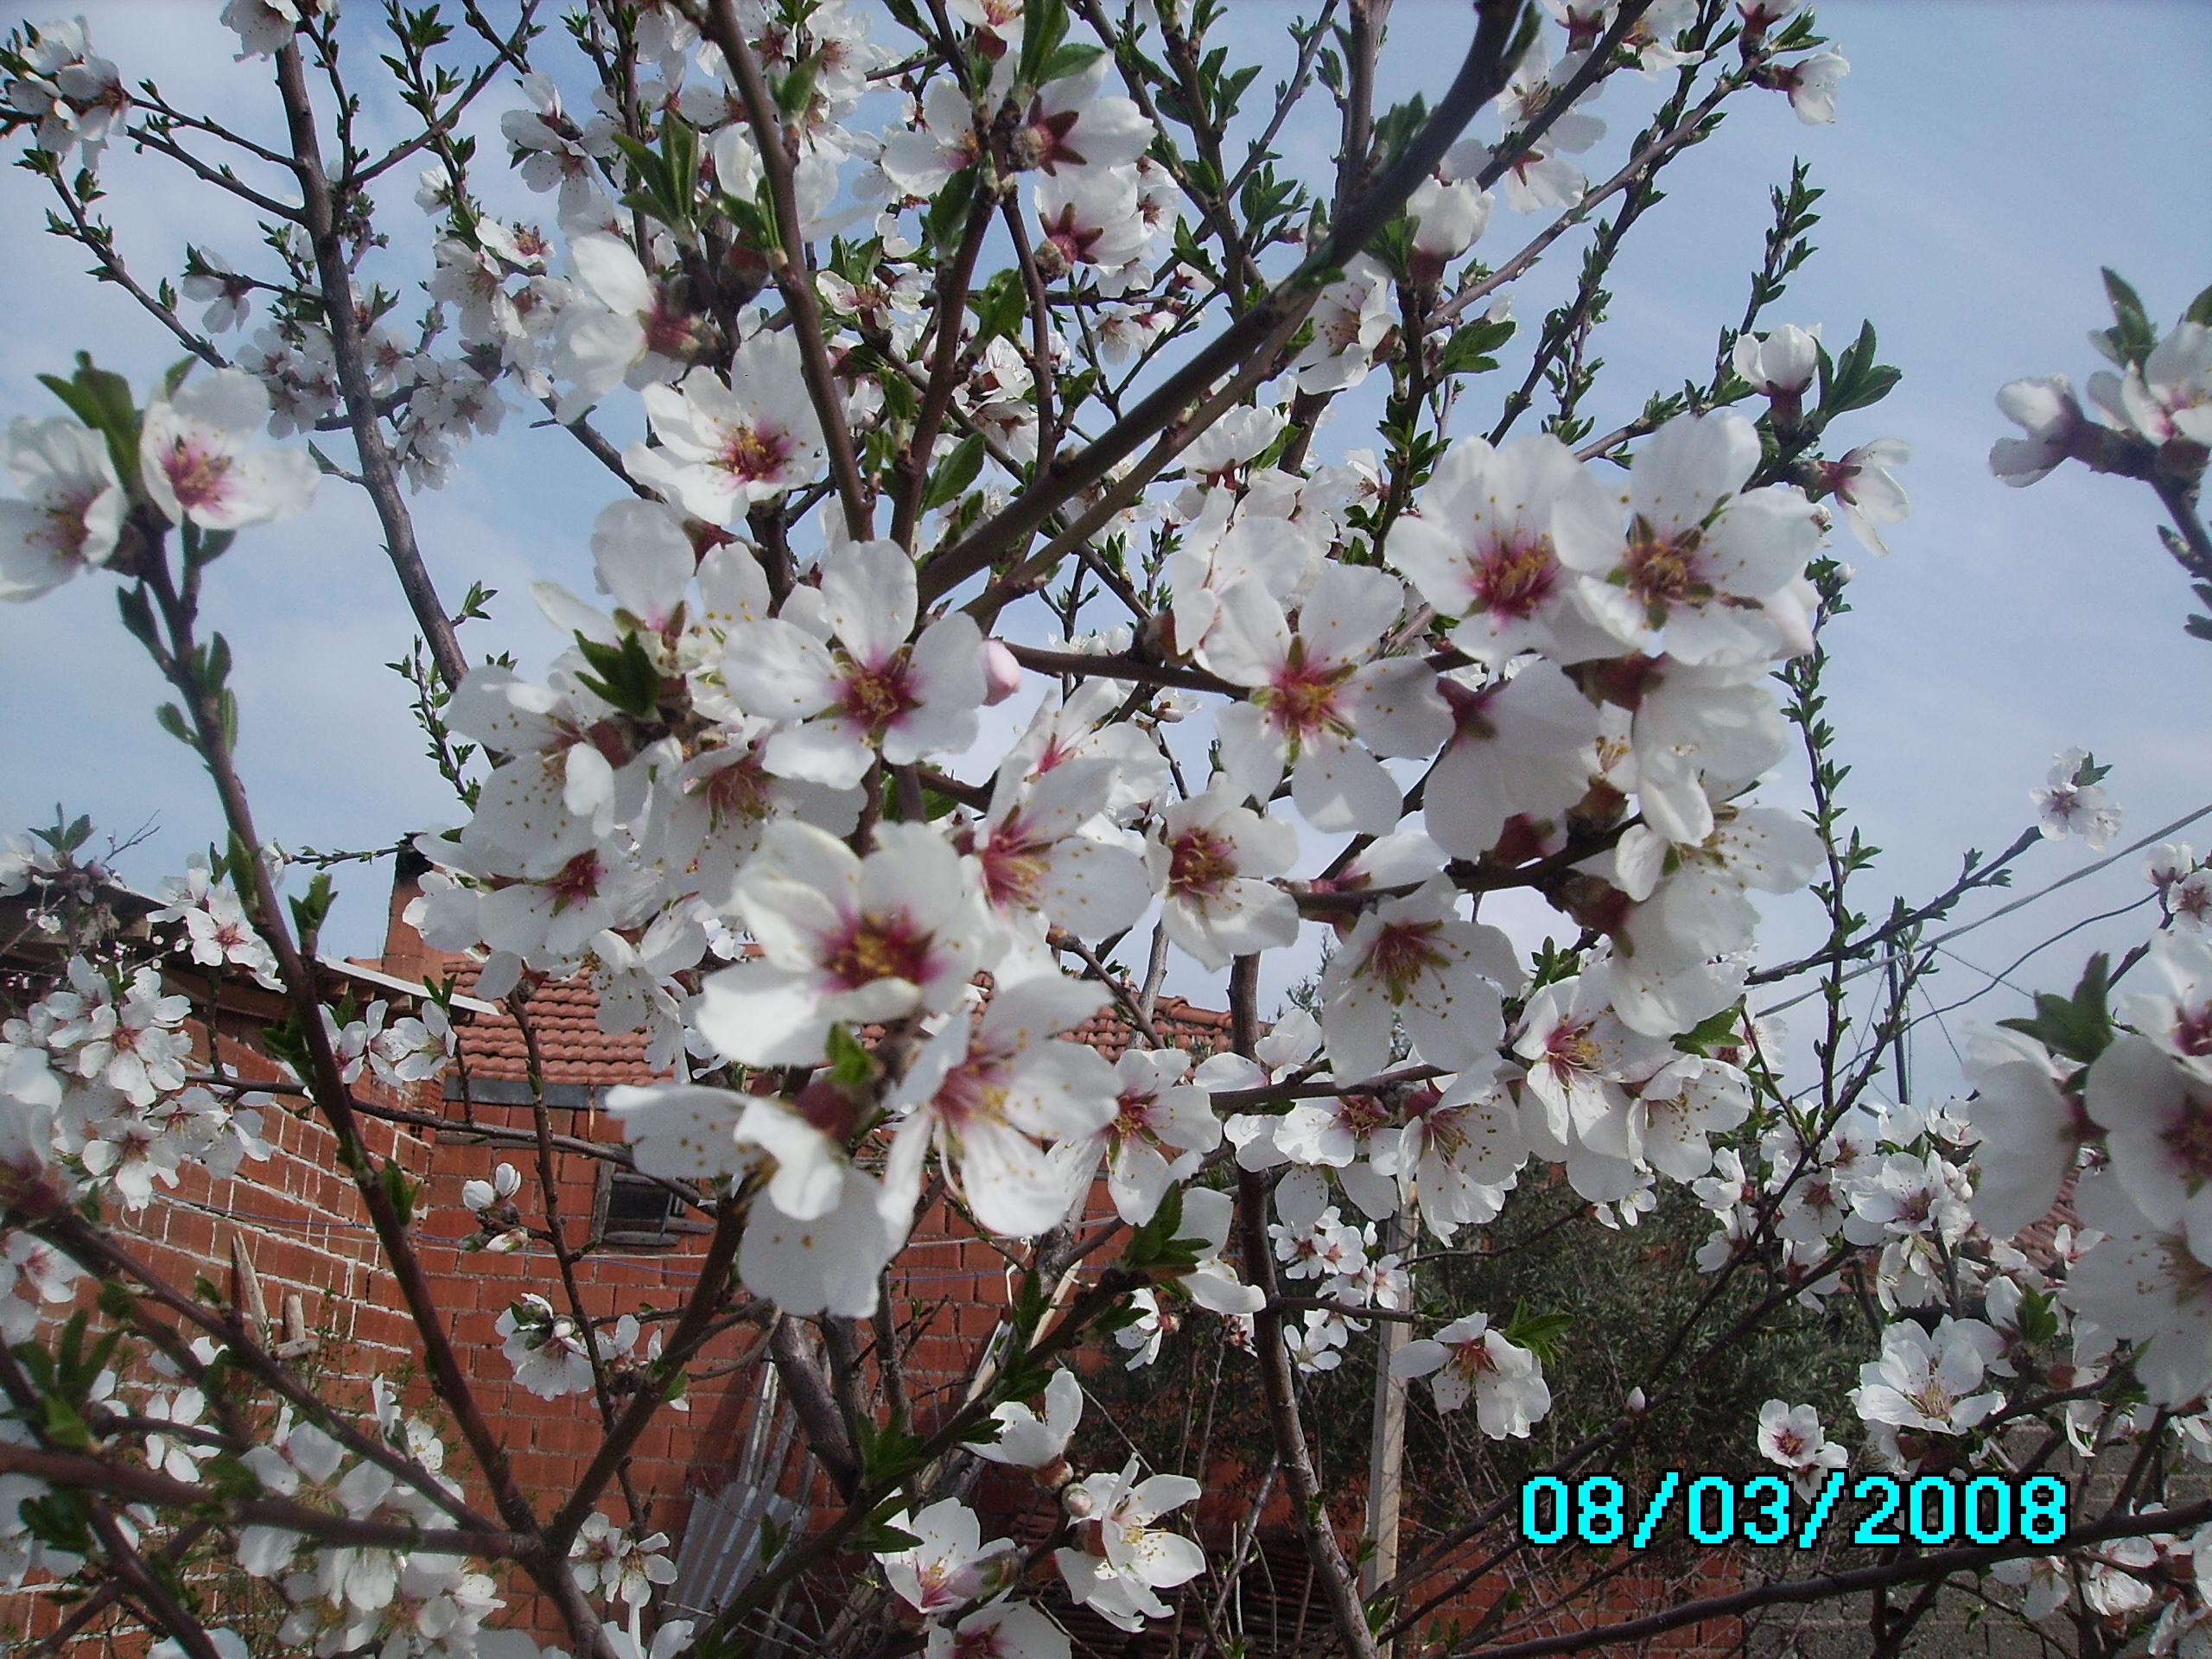 baharın ilk çiçeği